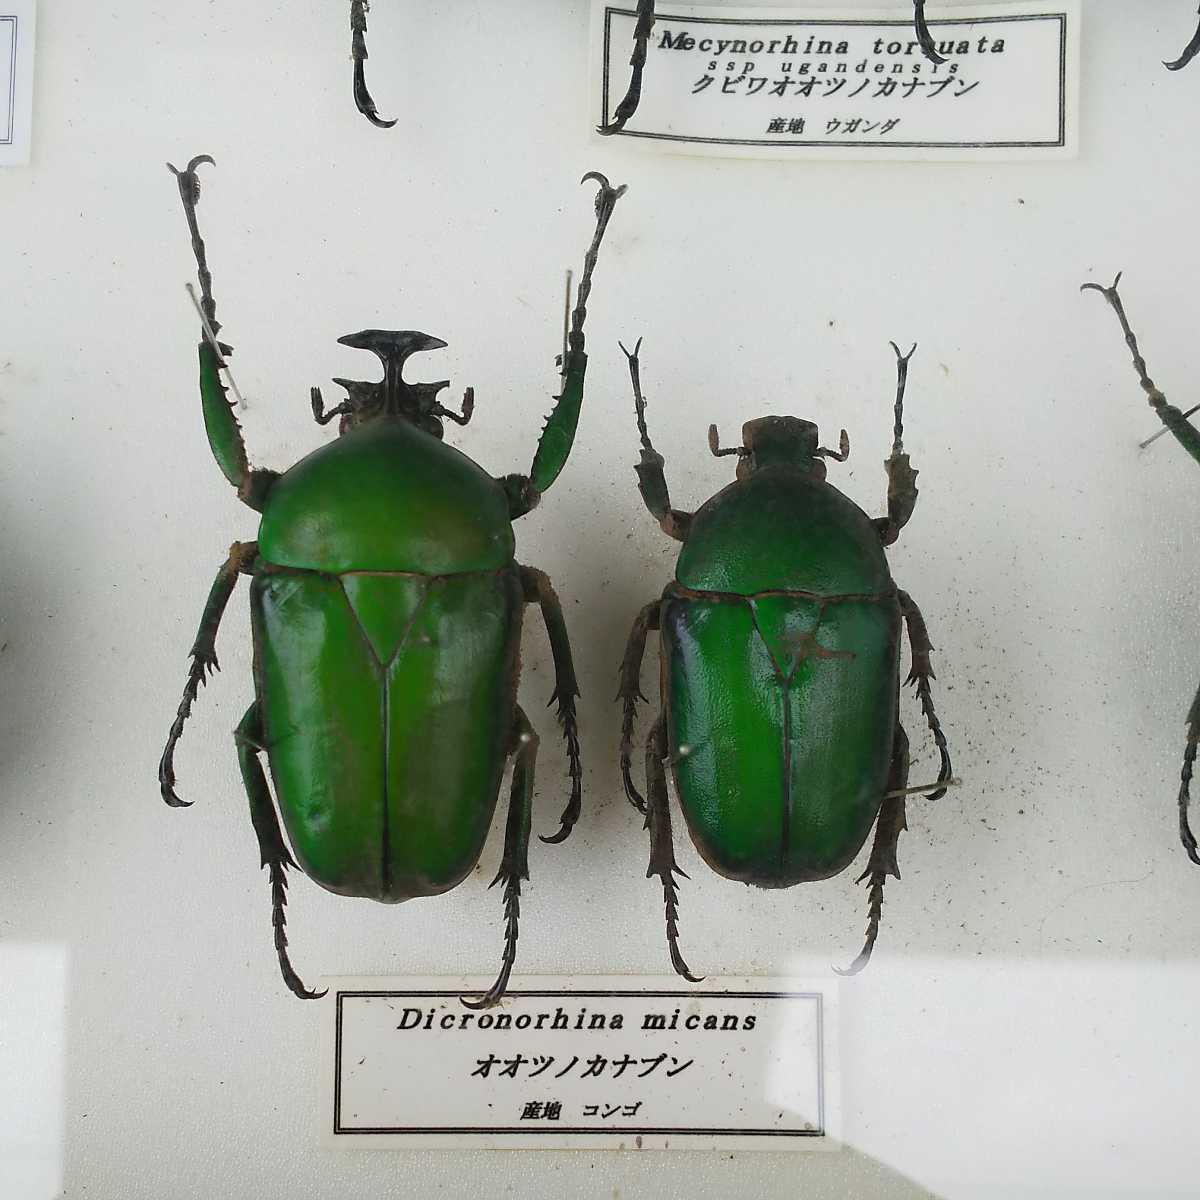 値段交渉OK 昆虫標本 カナブン No2 35頭 ドイツ箱_画像10